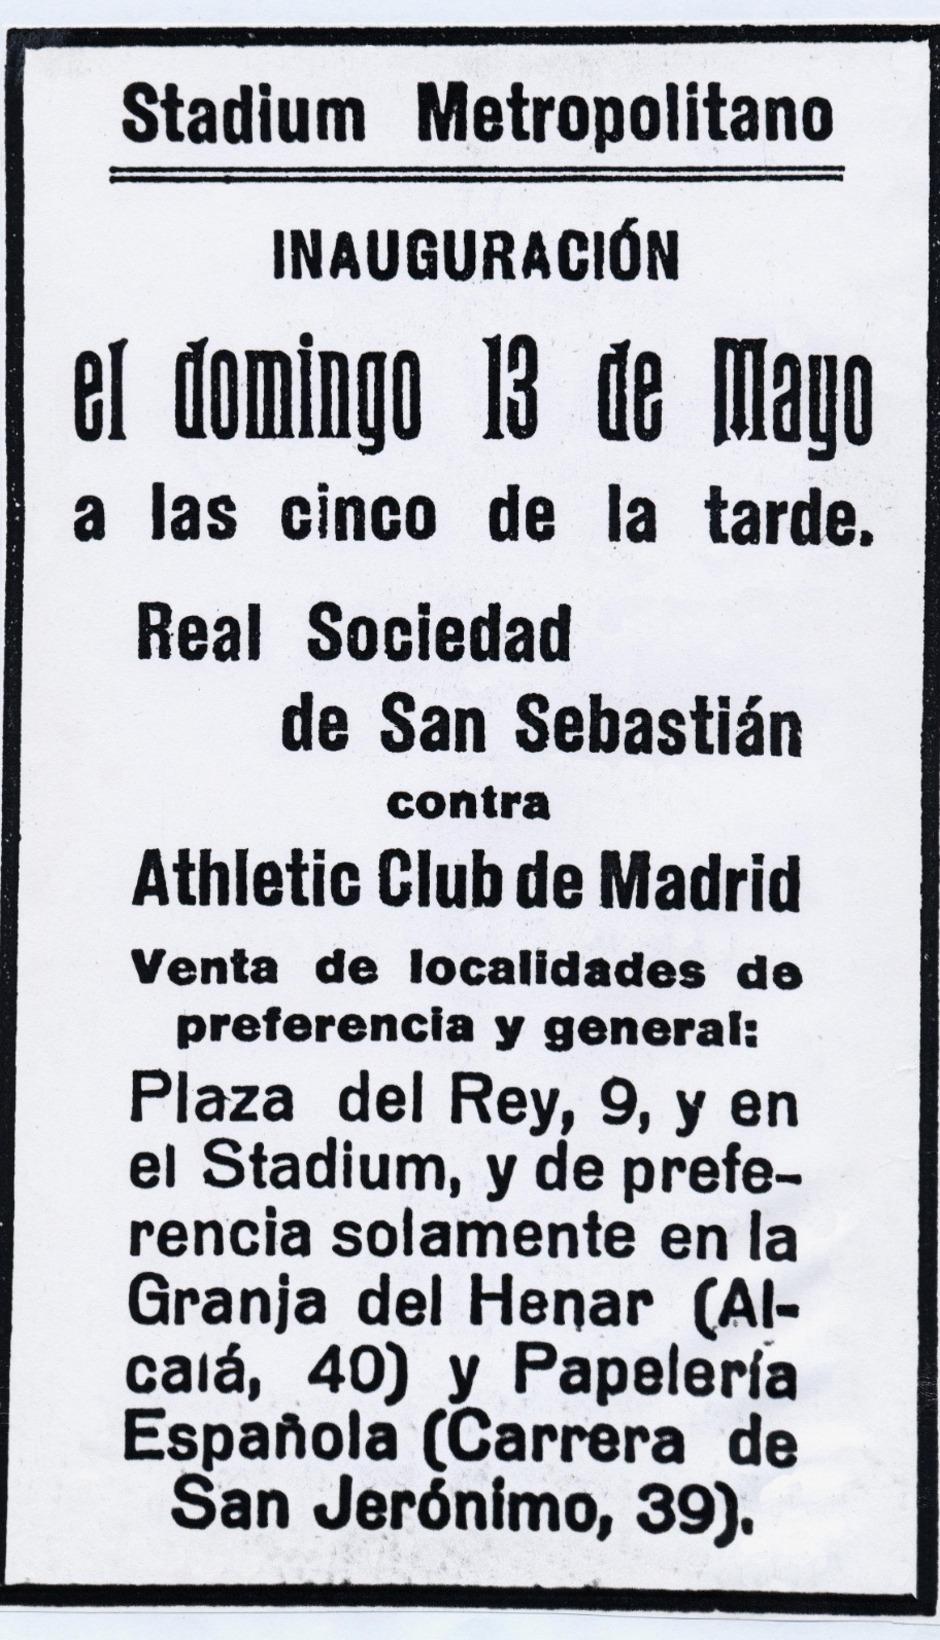 Stadium Metropolitano 2